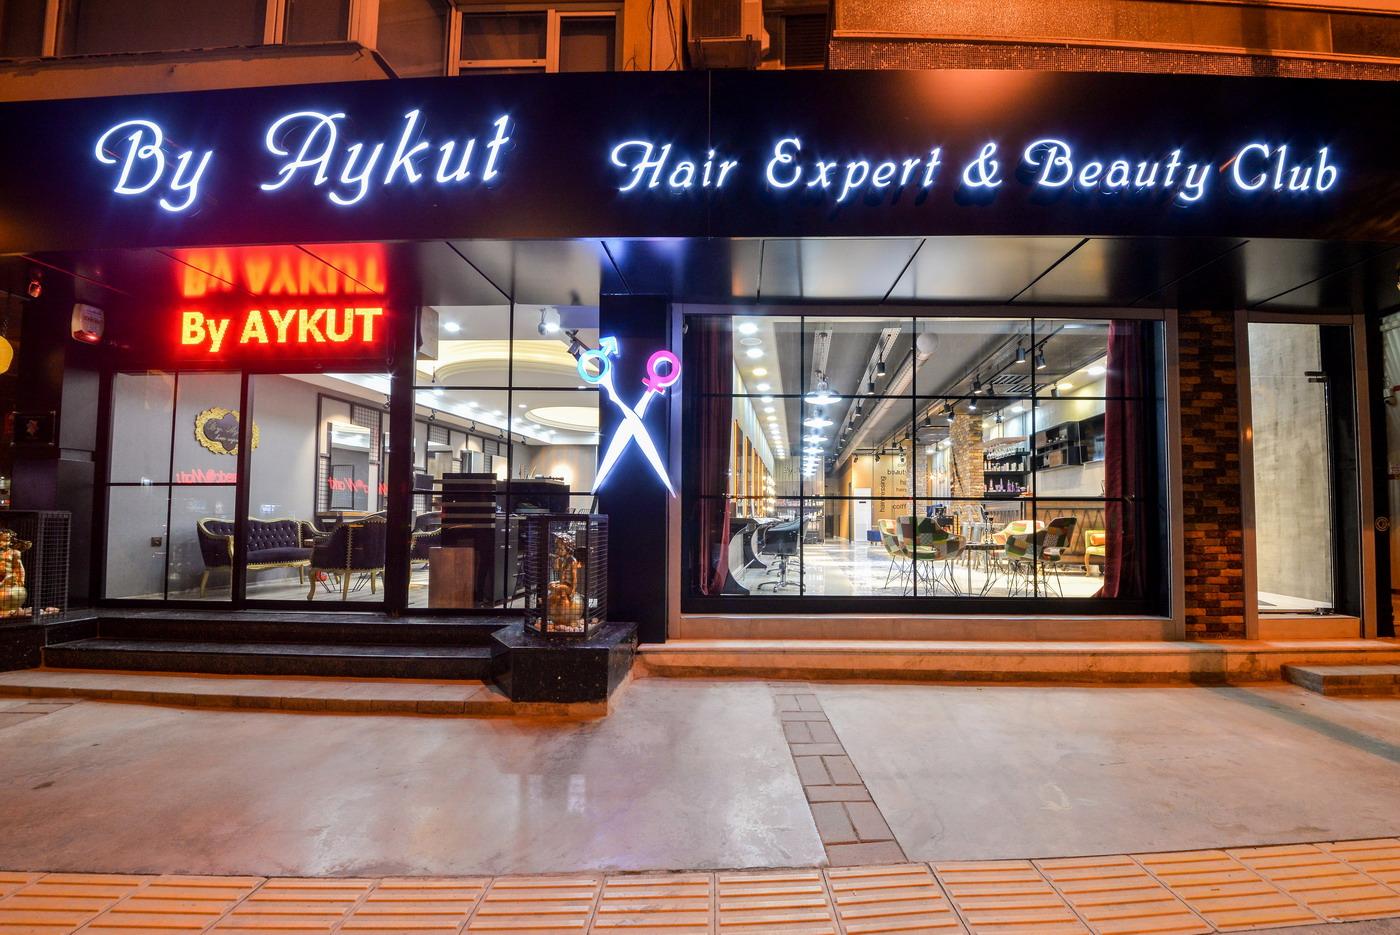 İzmir - By Aykut